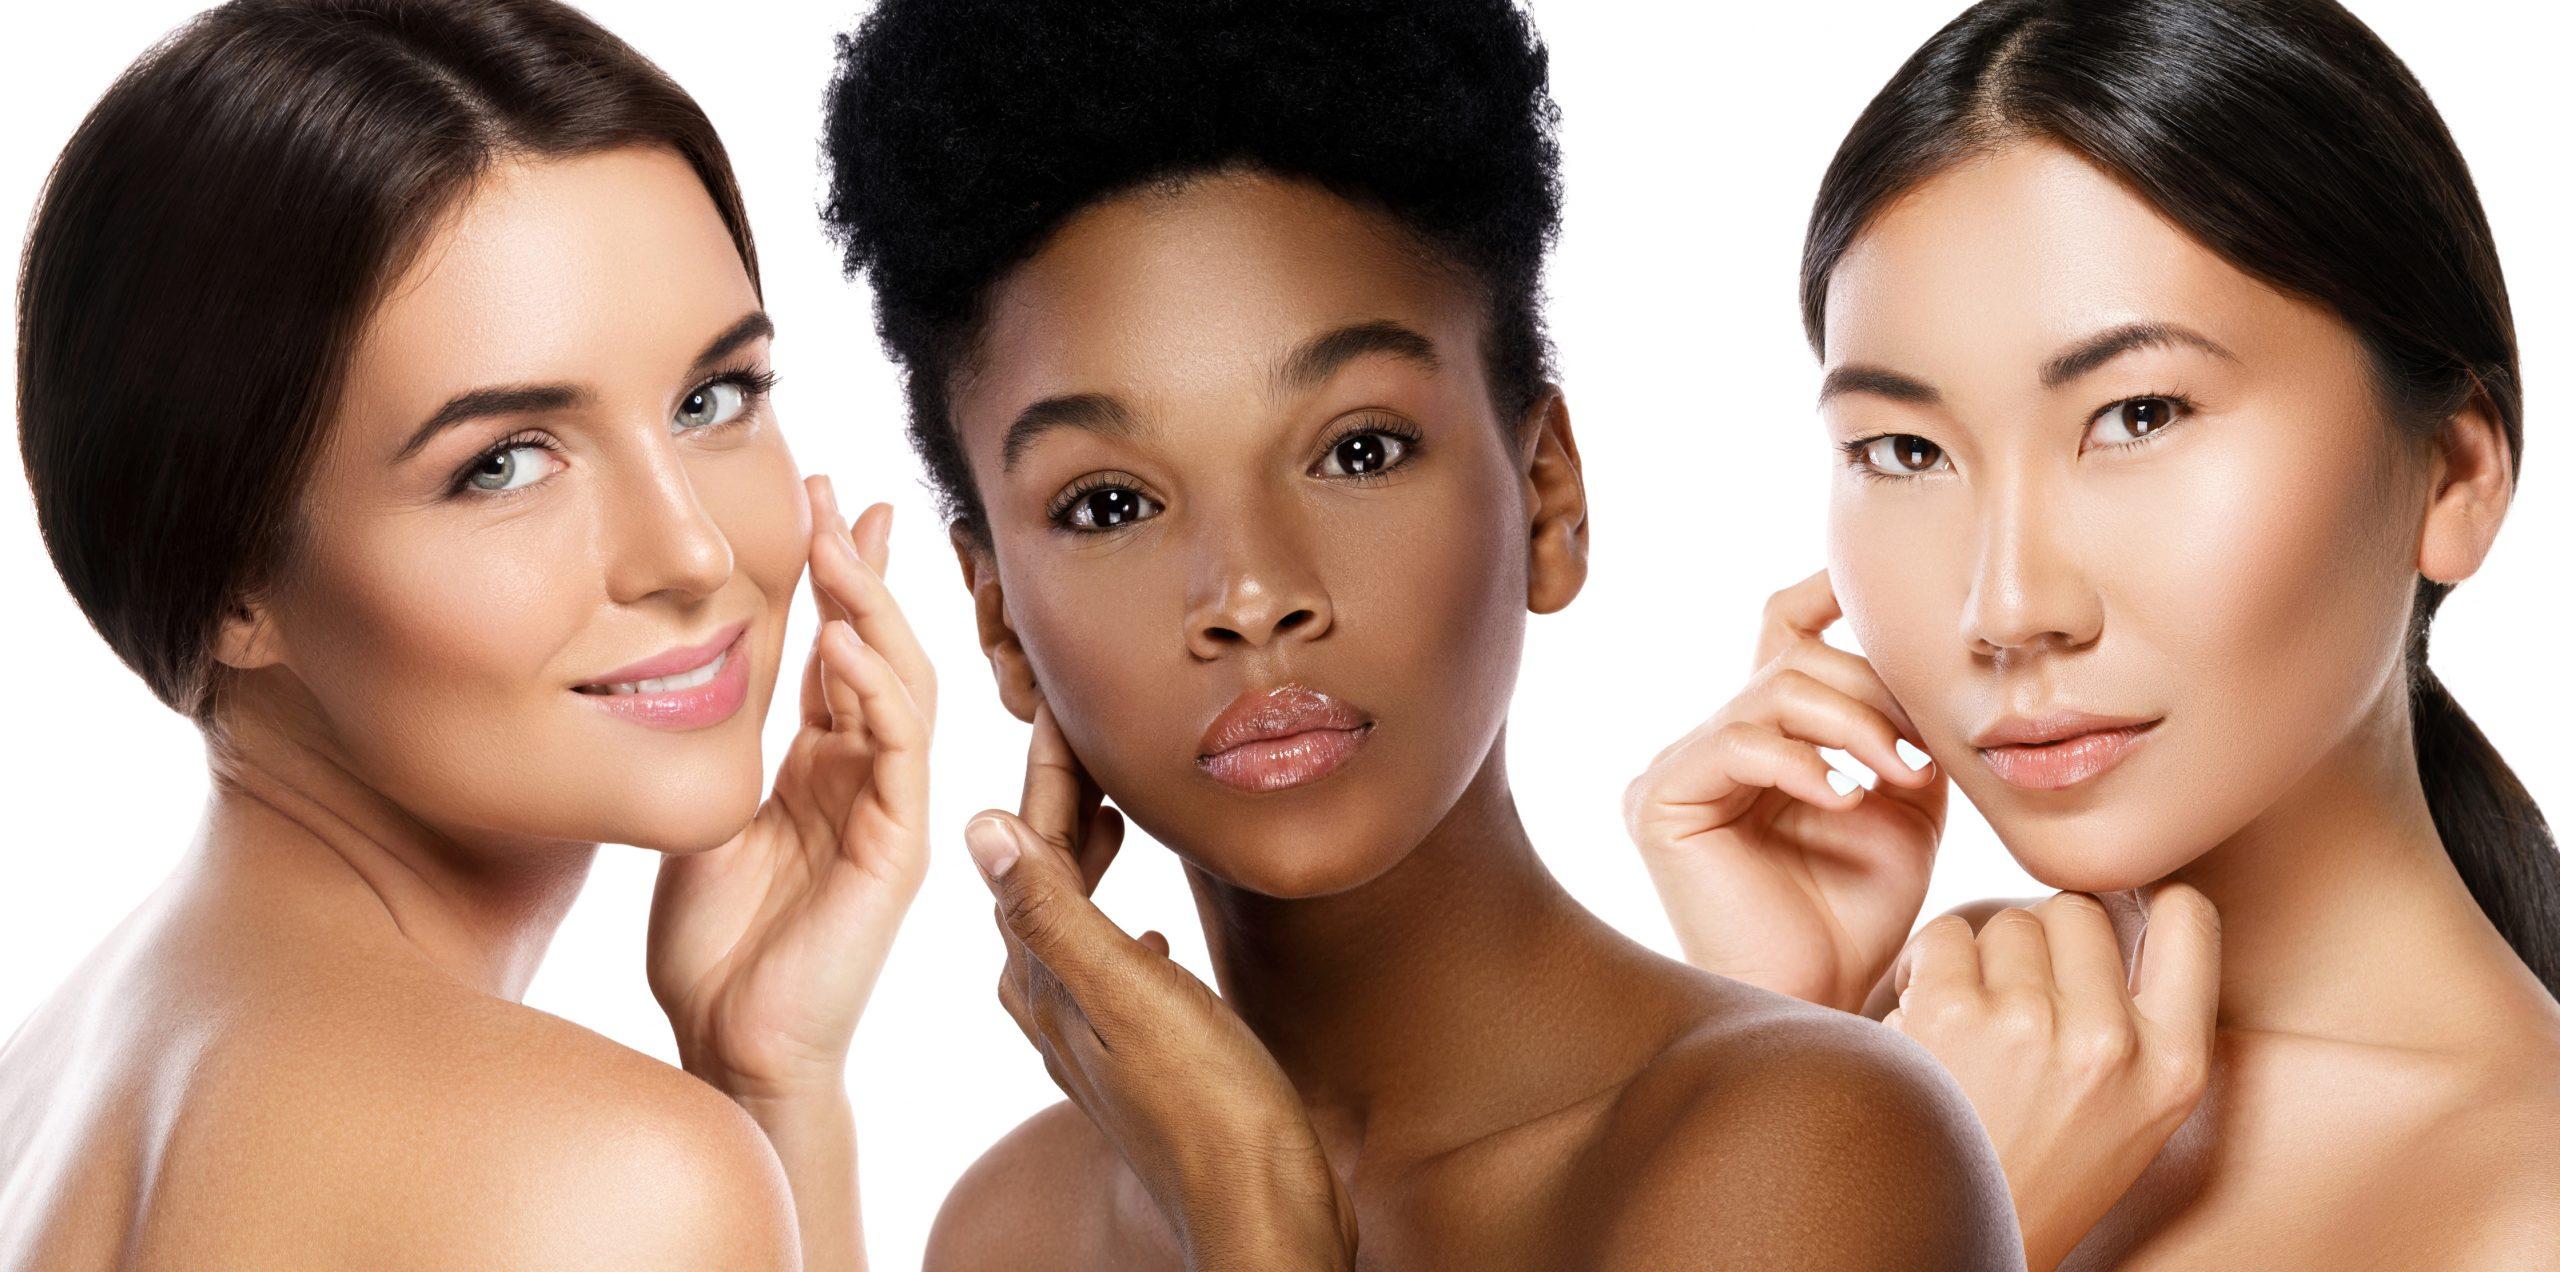 Différentes femmes éthniques - Caucasienne, Africaine, Asiatique sur fond blanc